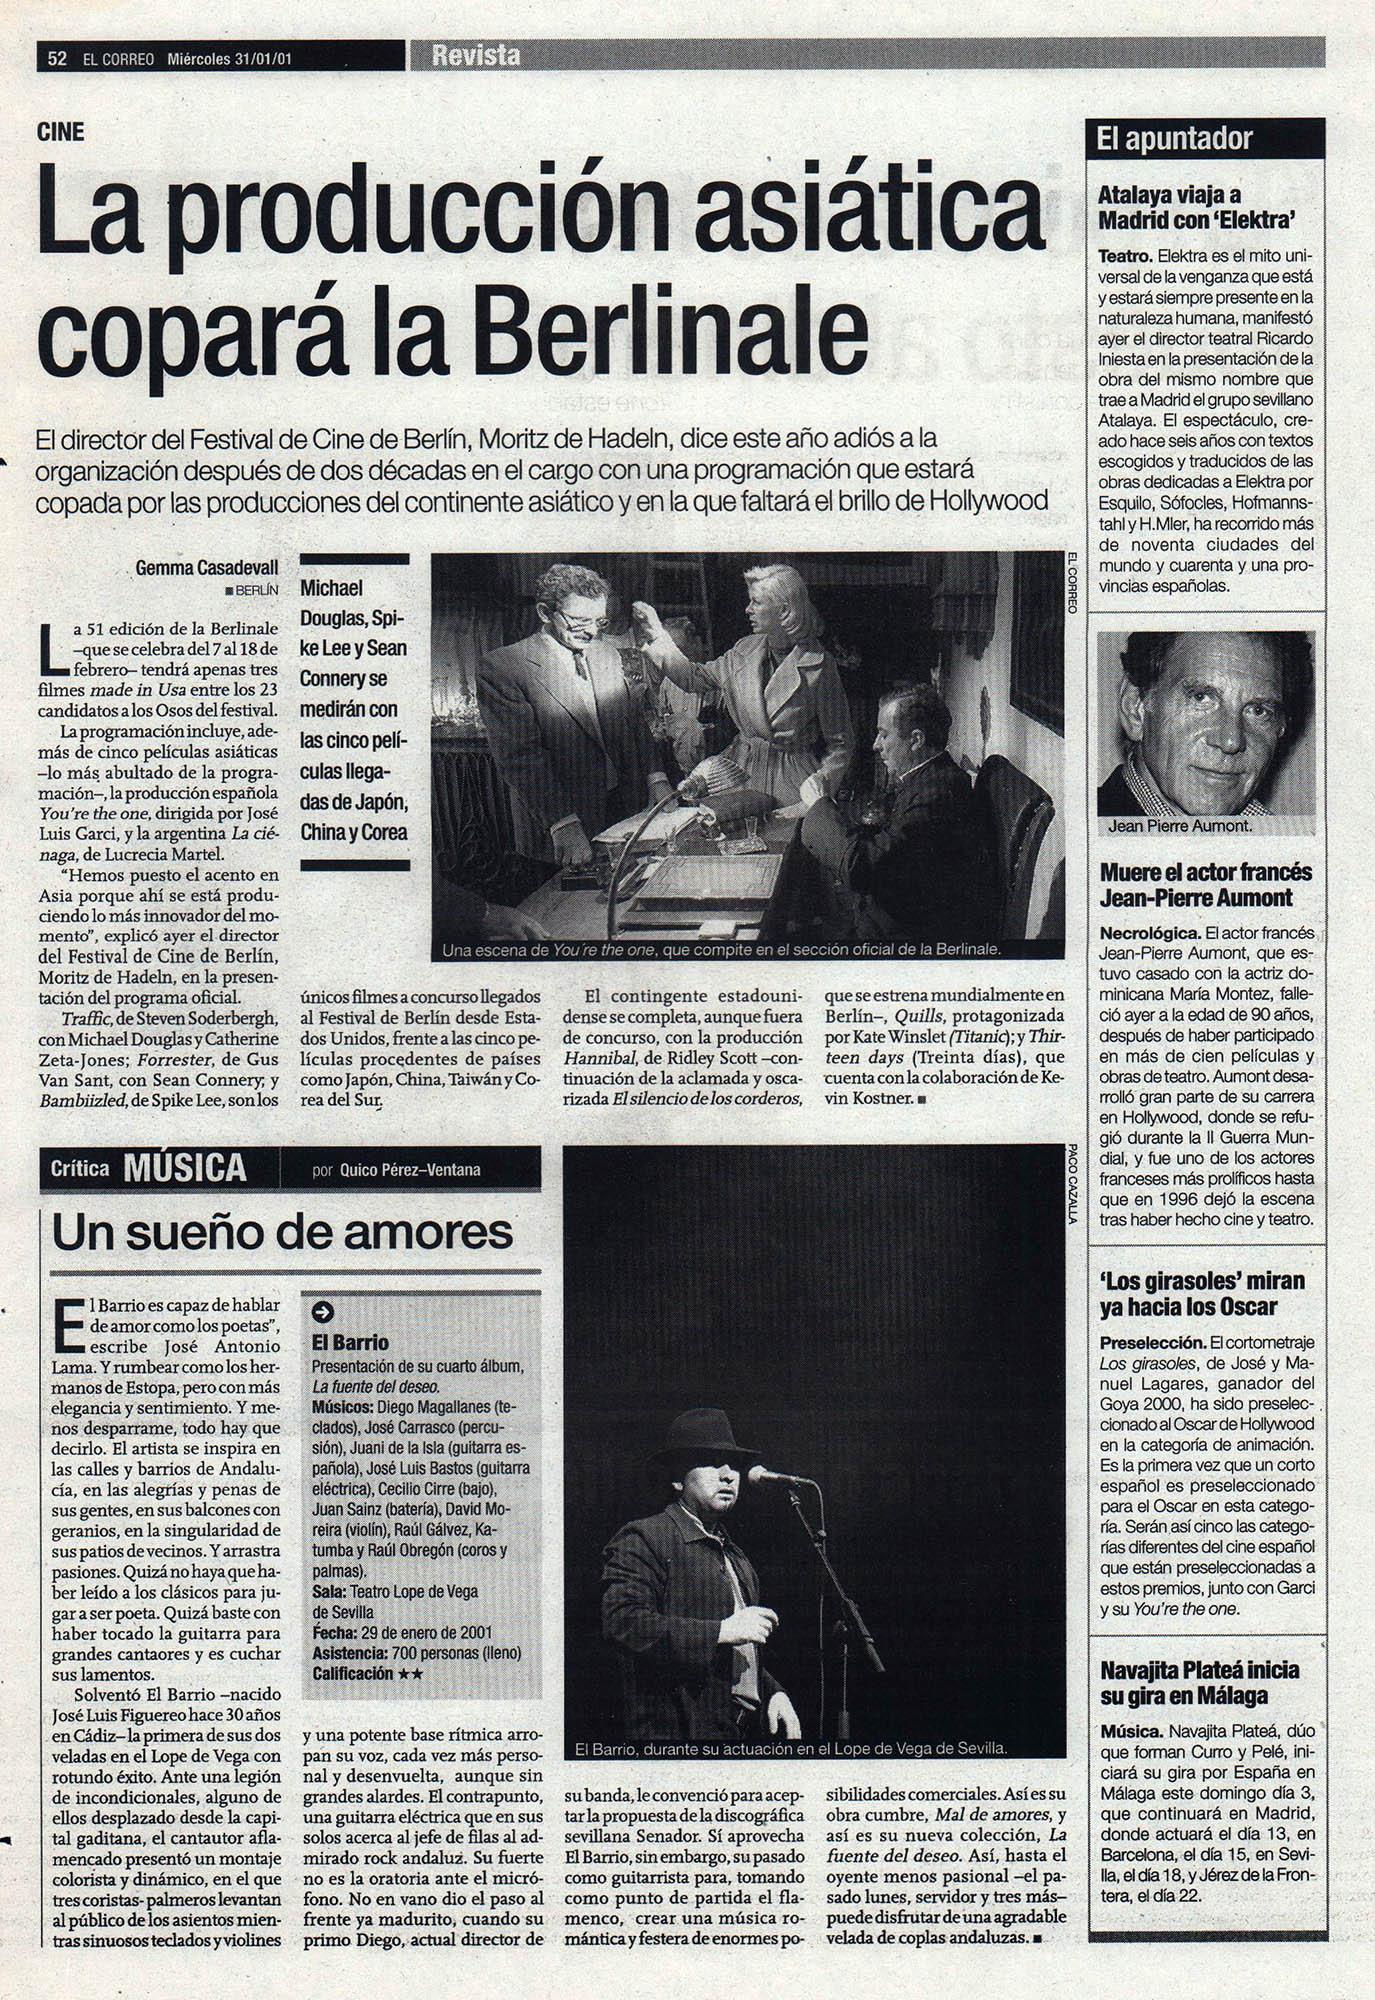 Crónica / El Barrio: un sueño de amores – Teatro Lope de Vega, Sevilla | El Correo de Andalucía | 31 ene 2001